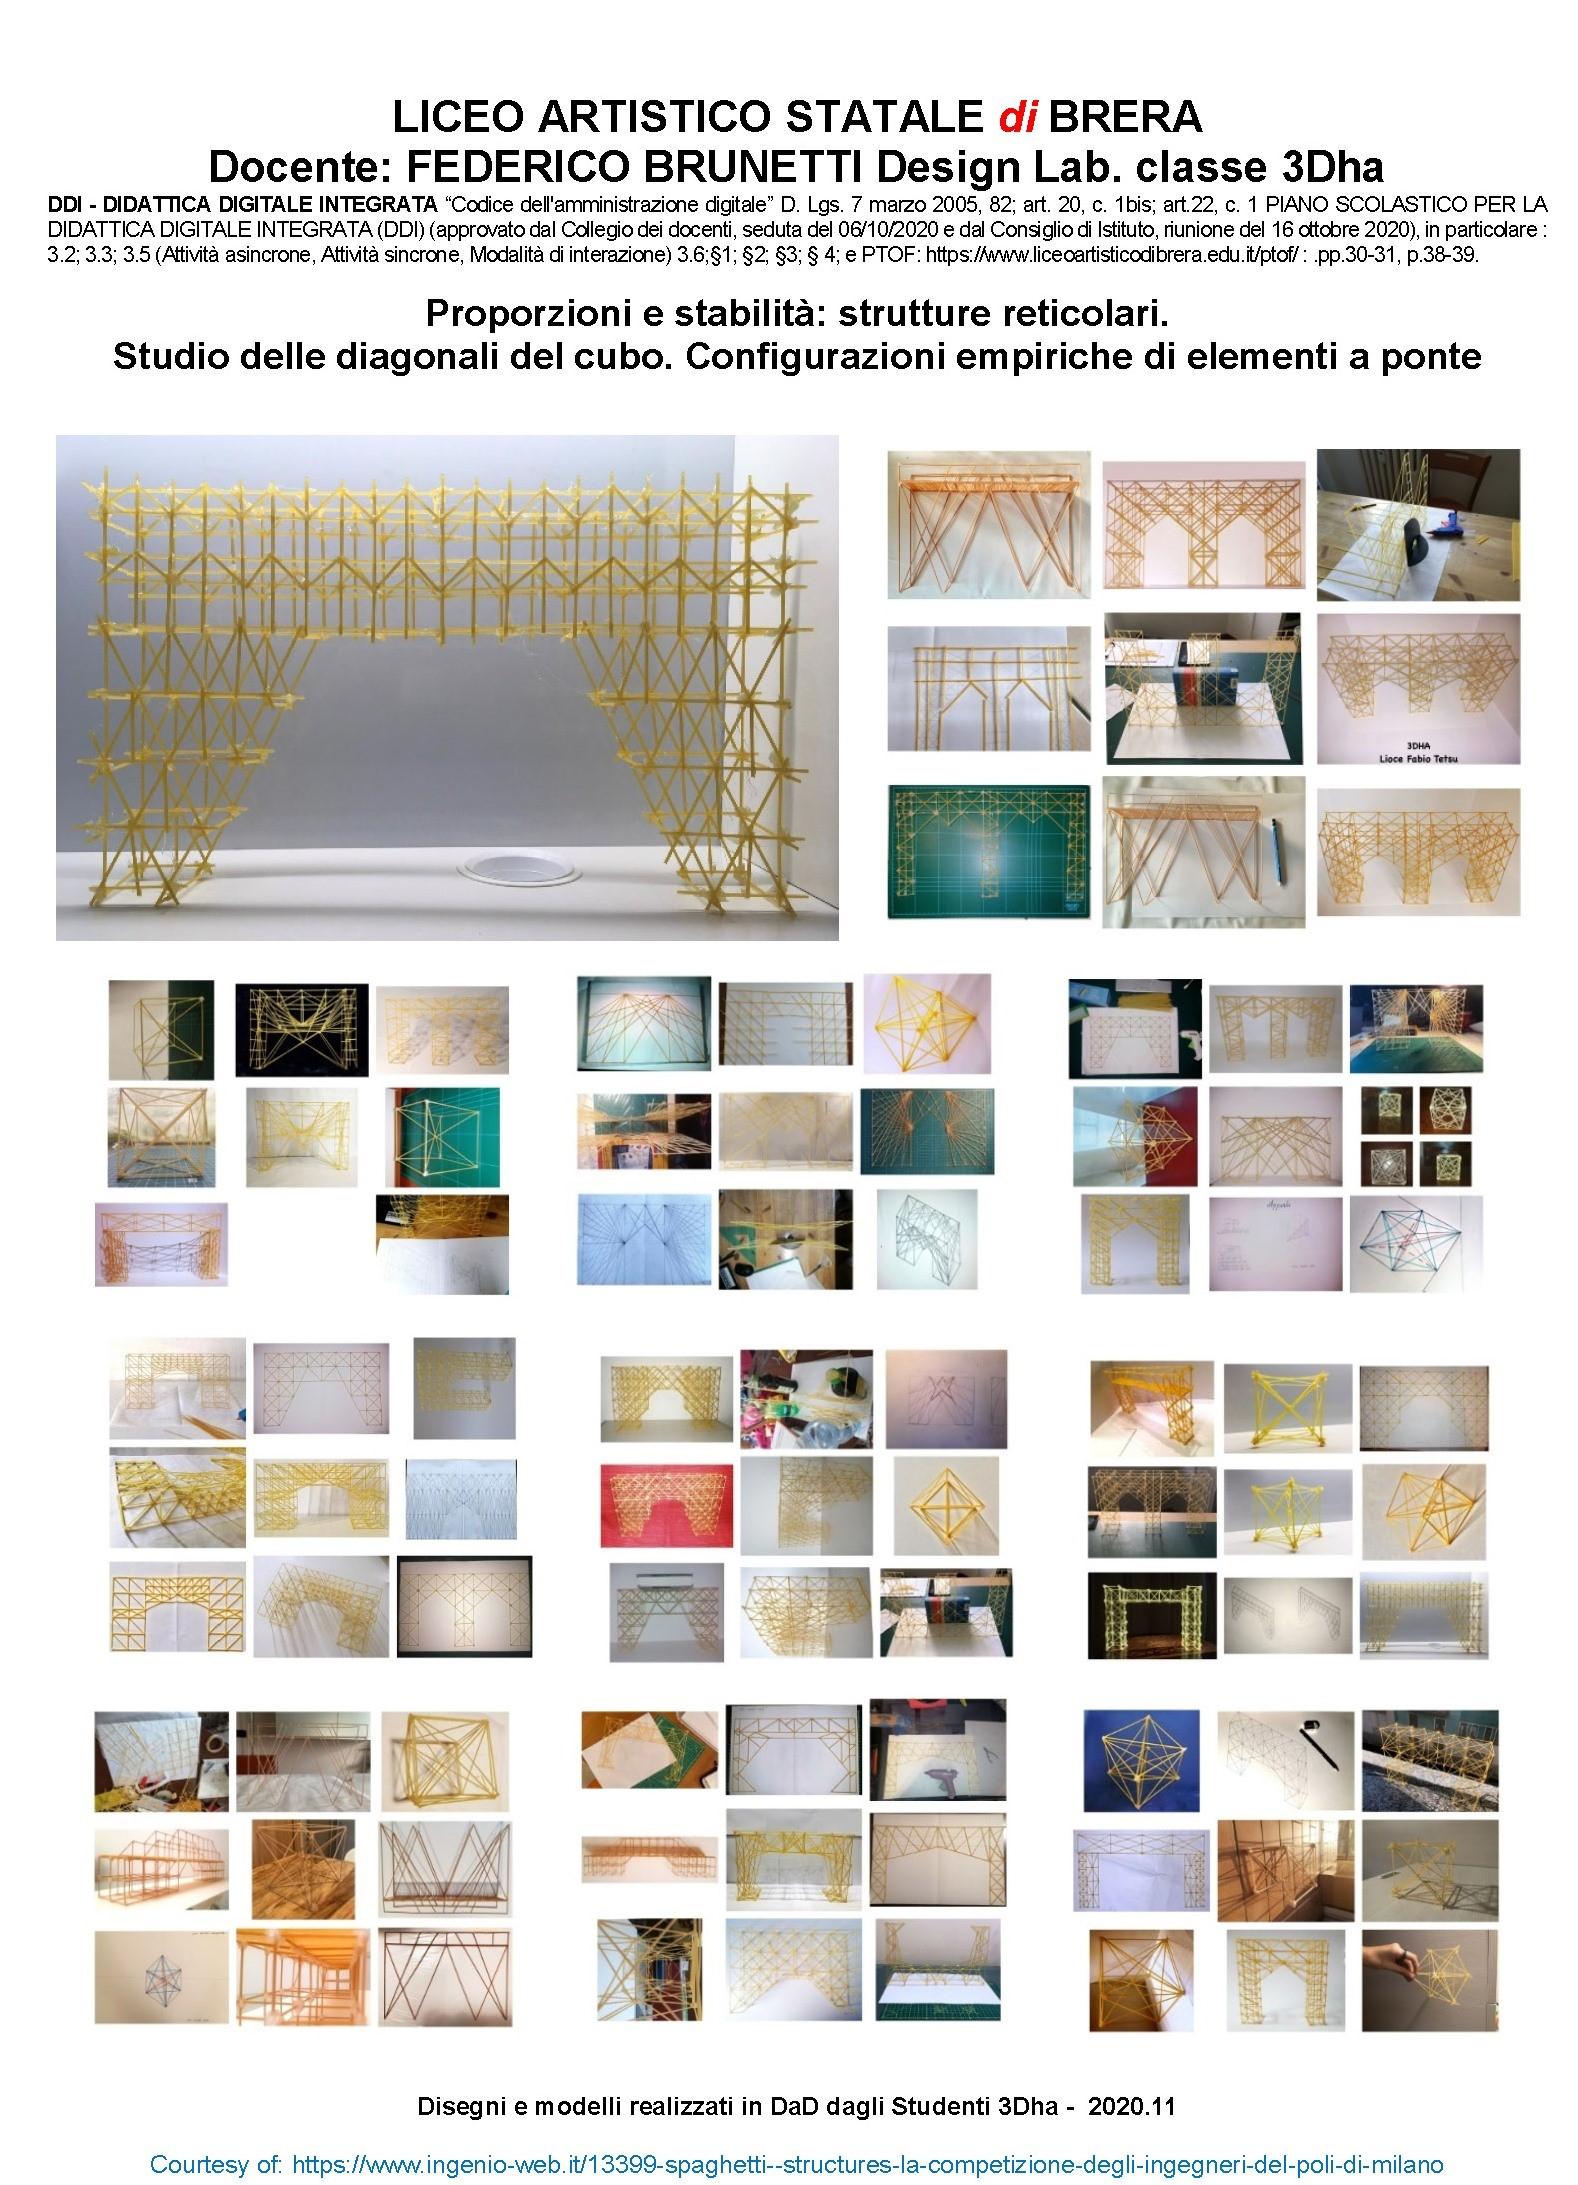 3Dha-DesignLab-Prof.-Federico-Brunetti-Poster-reticolare-cubo-e-ponte-2020.11-OK-